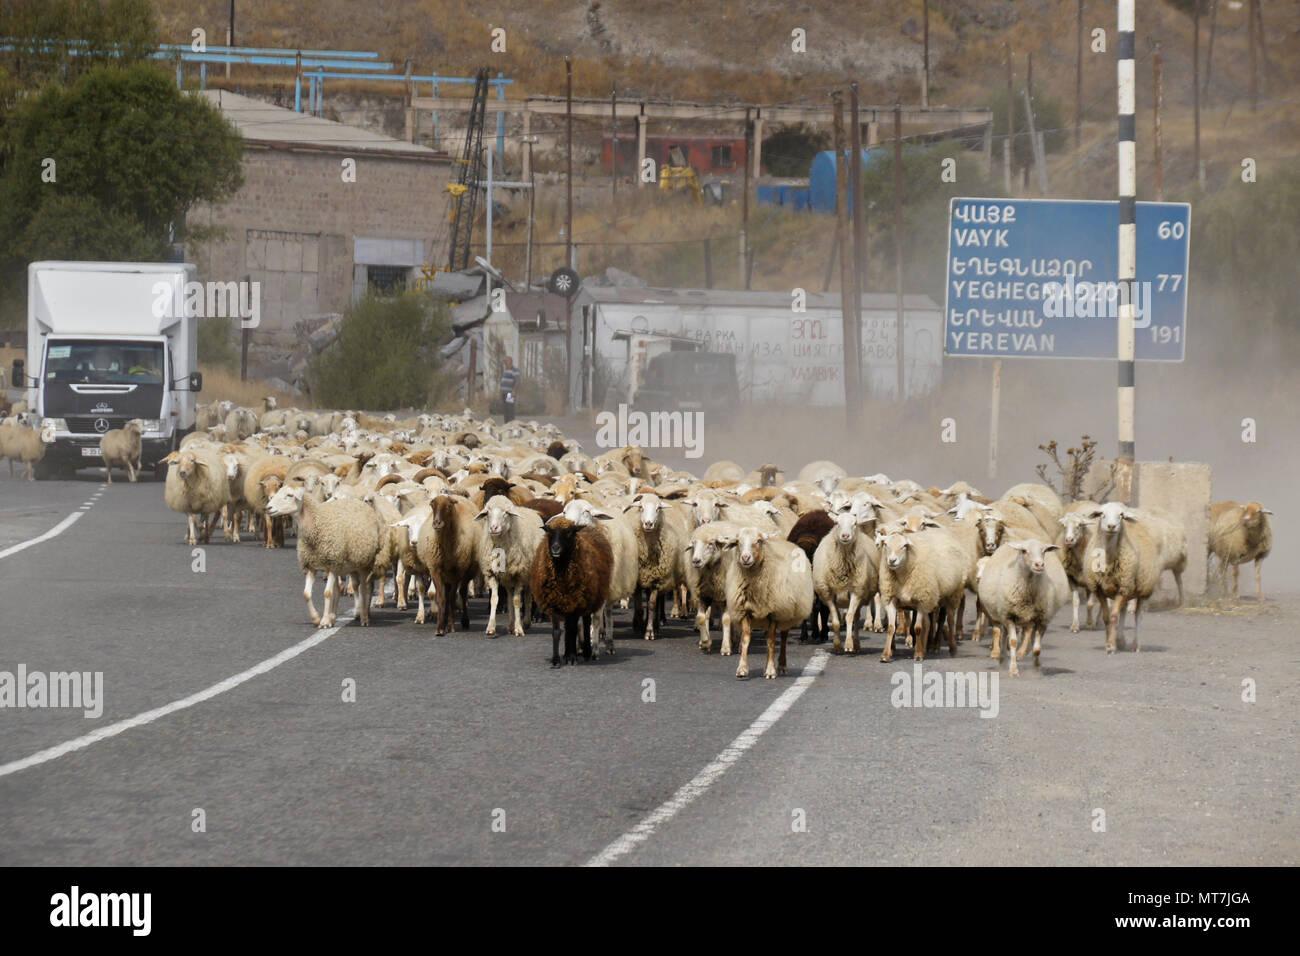 SISIAN, Armenien, 27. September 2017. Eine Herde Schafe blockiert Datenverkehr wie es geht vorbei an einer zweisprachigen Abstand Schild an der Straße durch die Stadt. Stockfoto